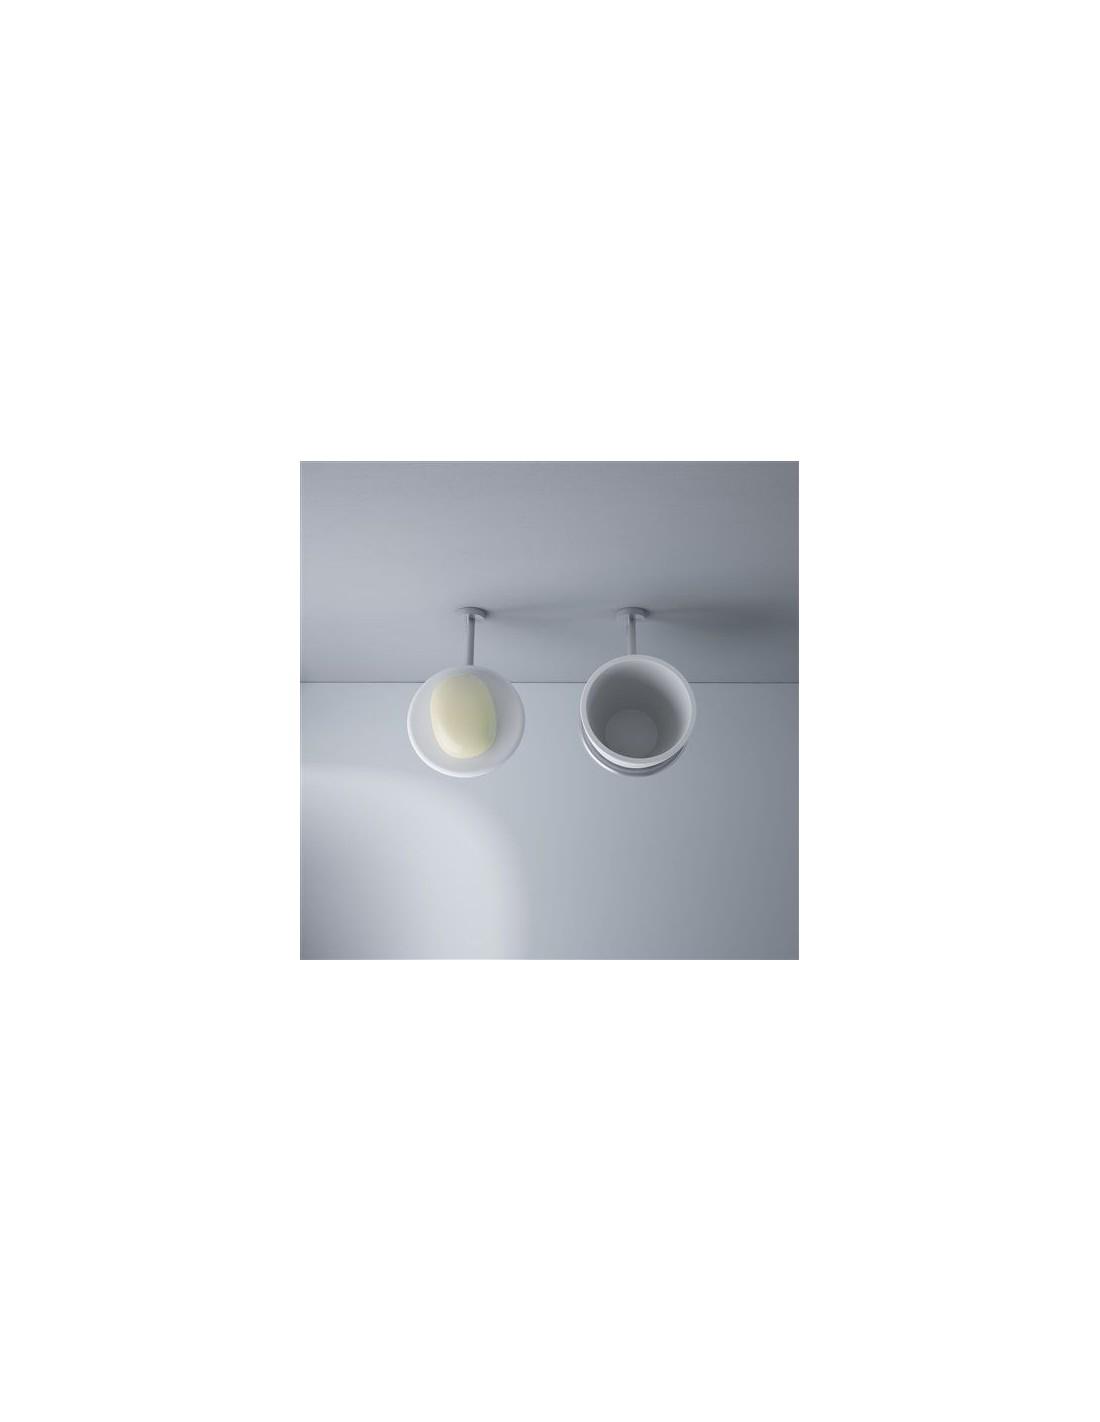 porte brosse dents mural inox bross et de l 39 aluite pour la marque clou. Black Bedroom Furniture Sets. Home Design Ideas